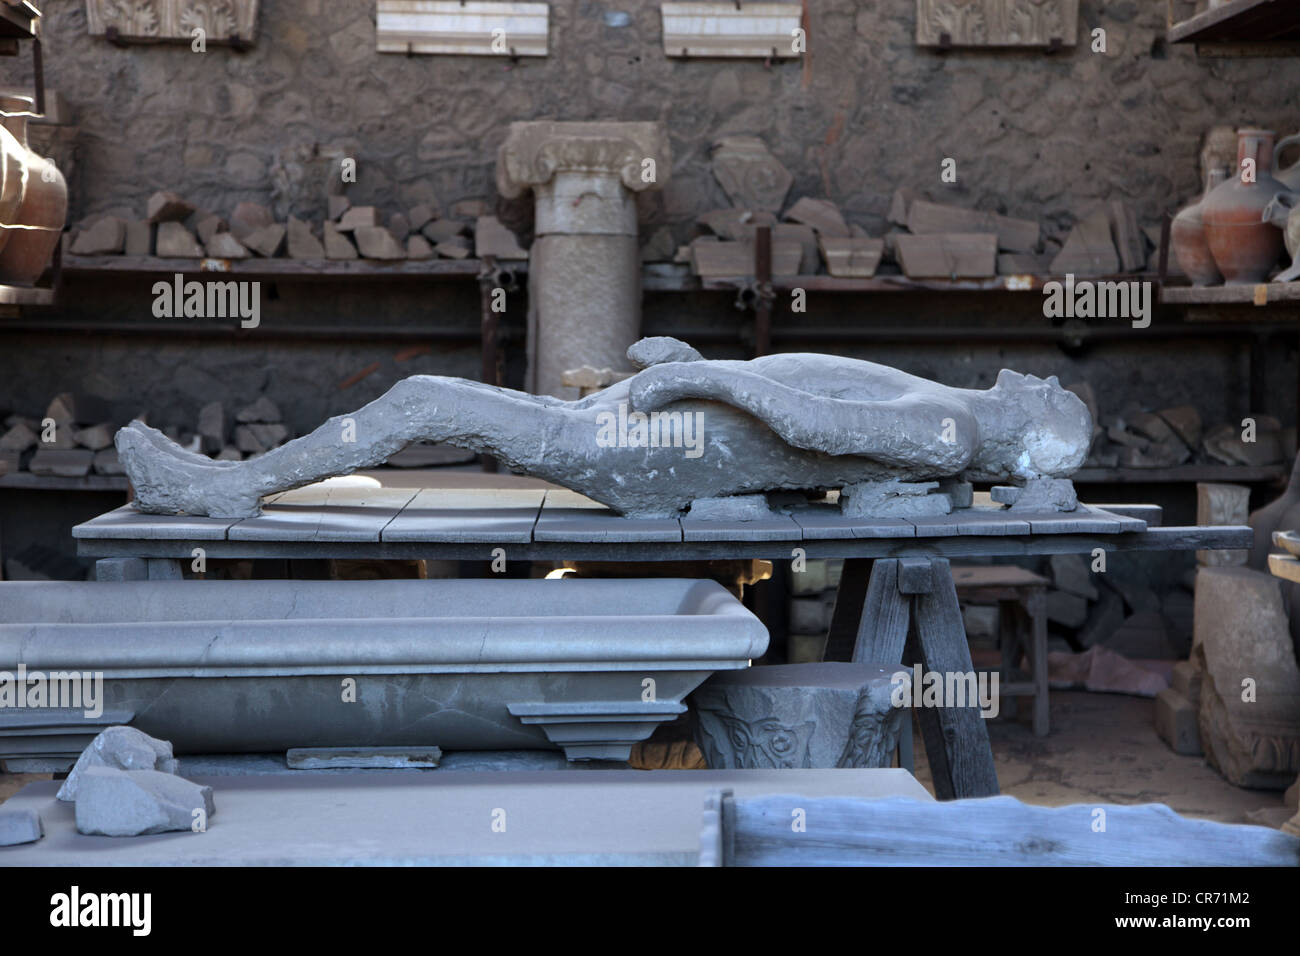 Plastercast de Pompeya víctimas enterradas en la ceniza volcánica. Imagen De Stock